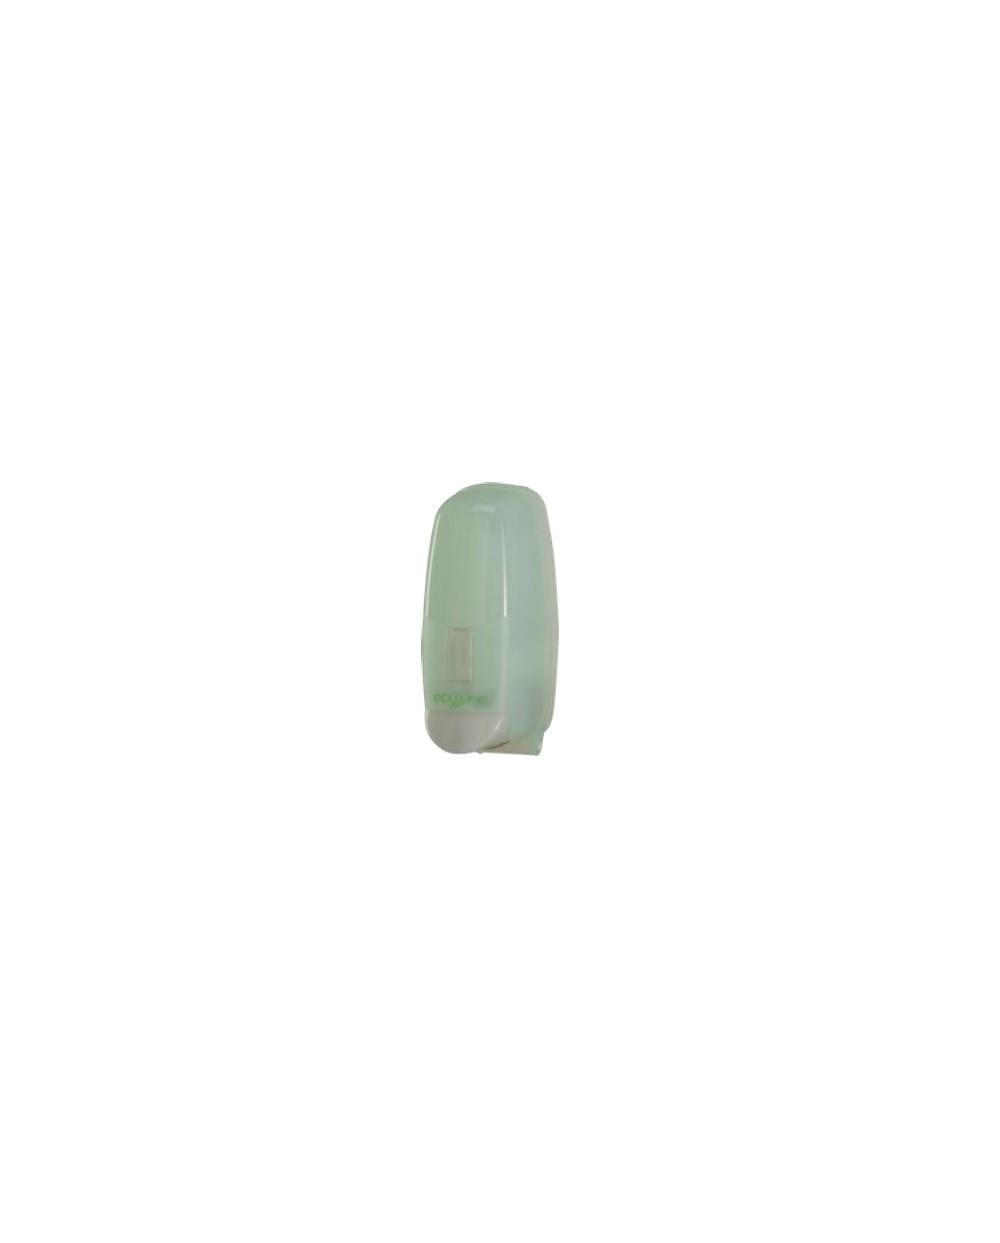 Distributeur Eco Line pour savons réf. 235.051, couleur: translucide